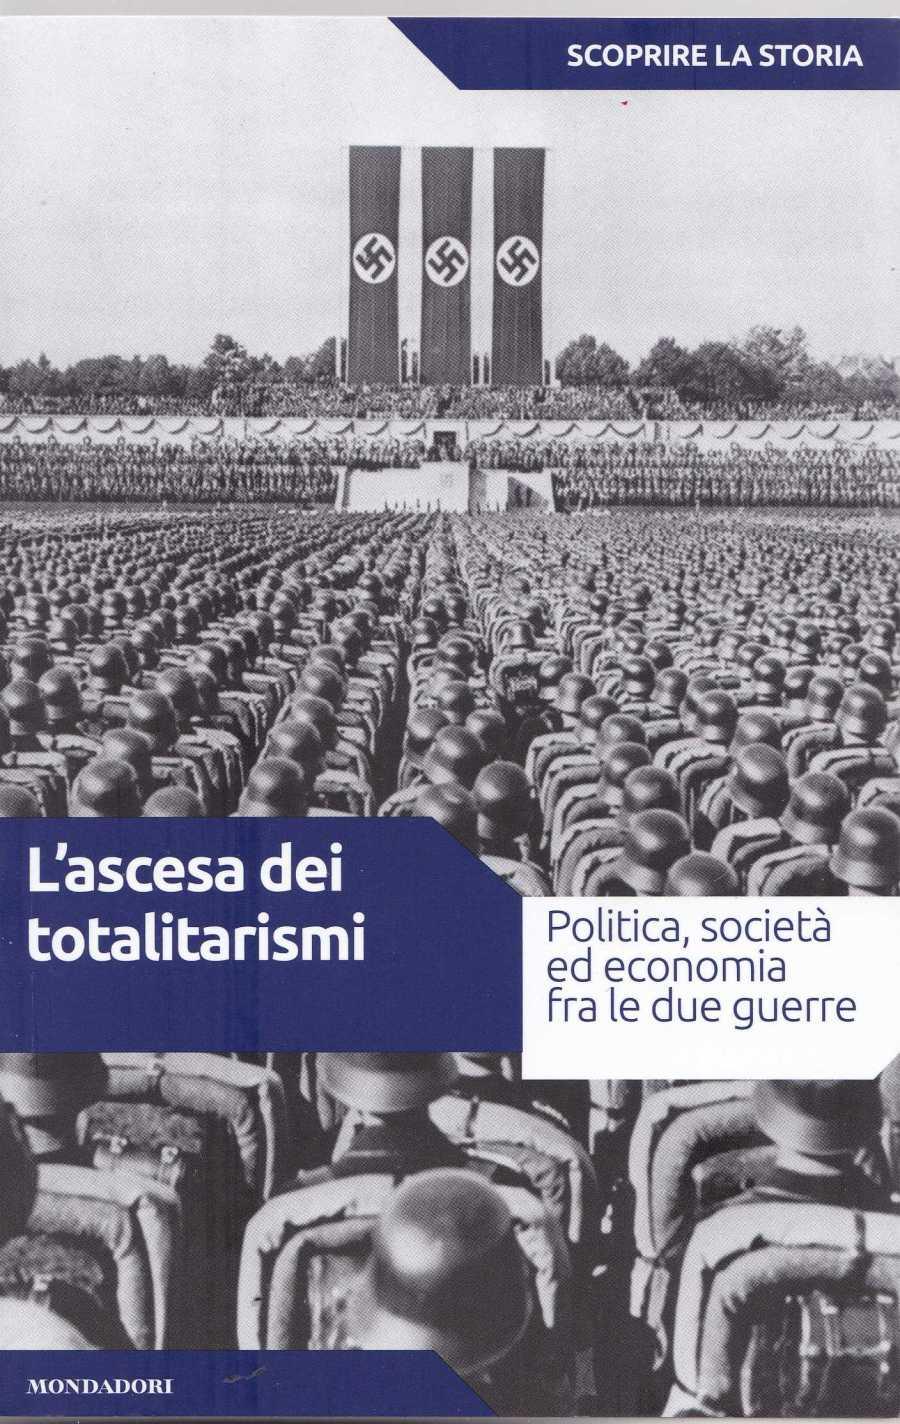 totalitarismi3194